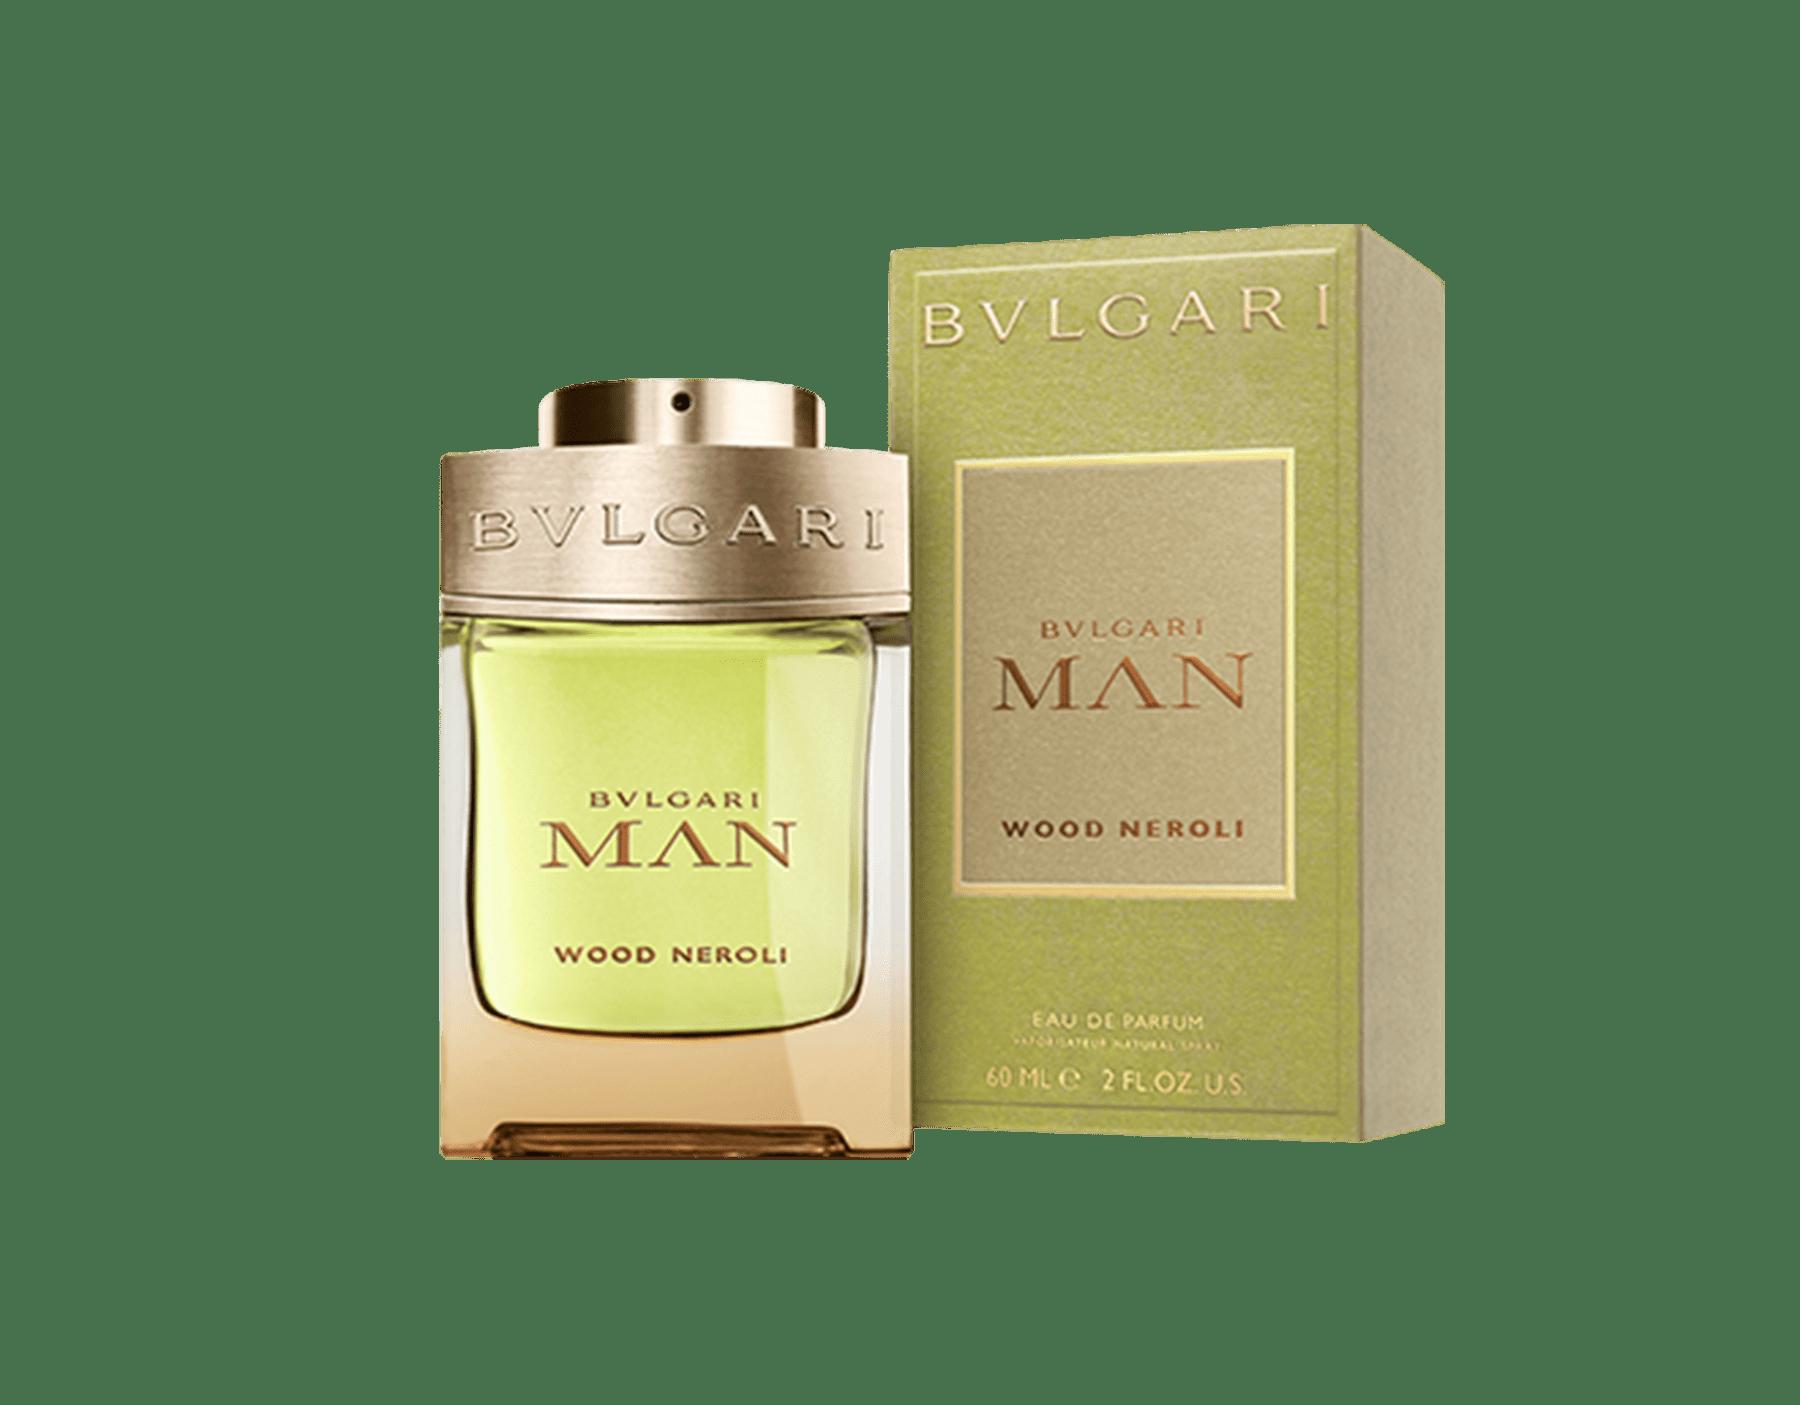 Une Eau de Parfum vivifiante, infusée d'agrumes frais. Un parfum boisé et solaire incarnant le lien puissant entre la Terre et la lumière 40390 image 2